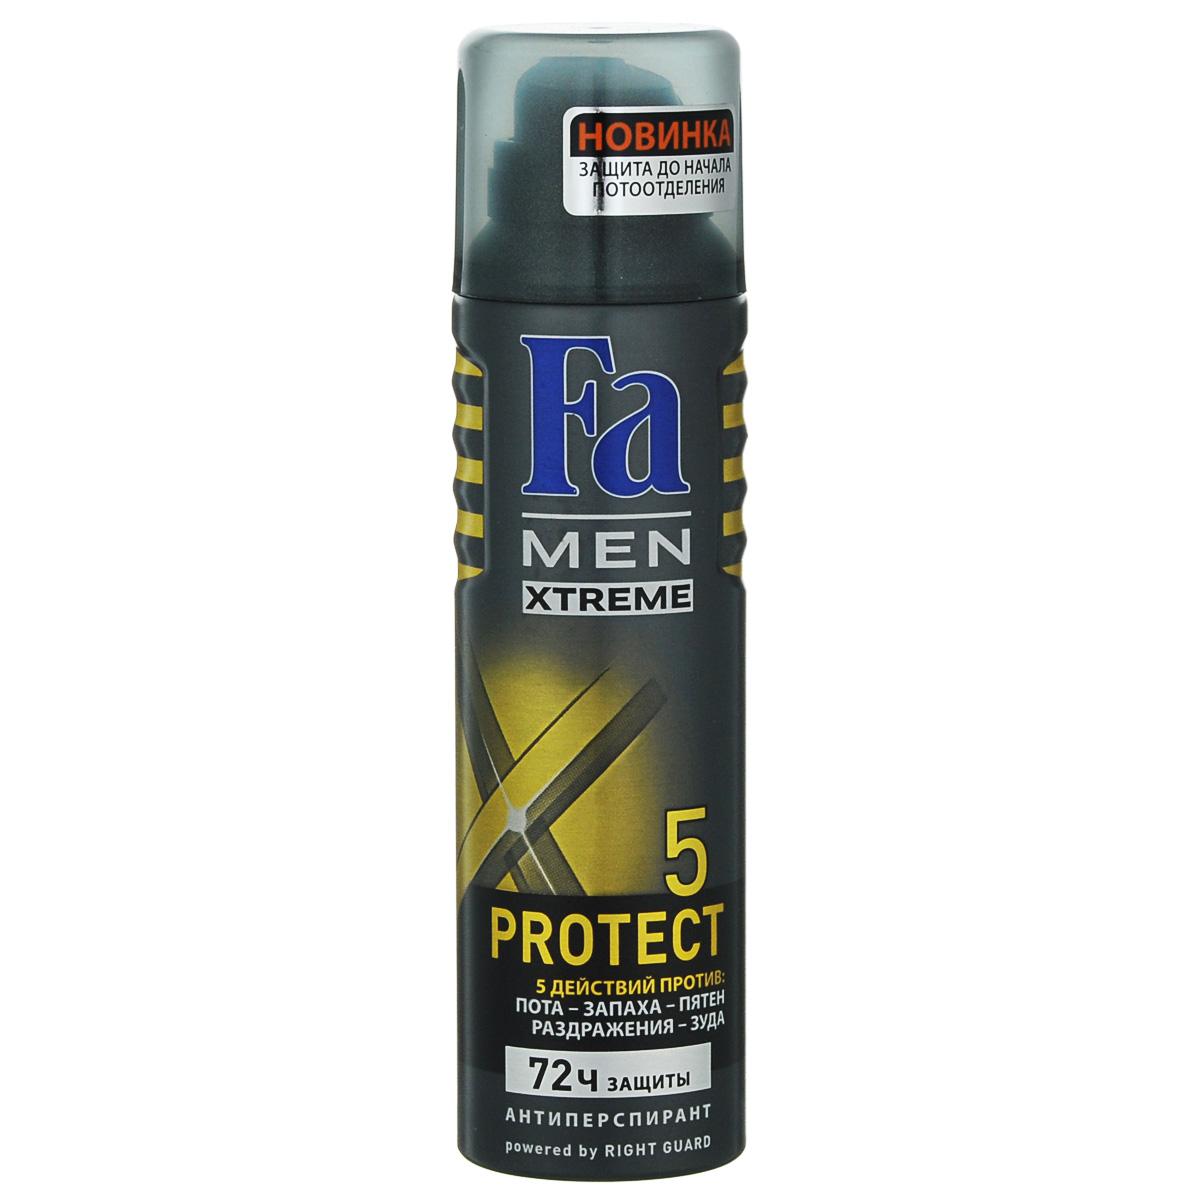 FA MEN Xtreme Дезодорант-аэрозоль Protect 5 , 150 мл120836595Fa MEN Xtreme Protect 5 – эффективный антиперспирант и 5 действий против: пота, запаха, пятен, раздражения и зуда! Инновационная формула с технологией Sweat Detect борется с потом еще до его появления. 72 часа высокоэффективнойзащиты против пота и запаха. Борется с источником запаха и обеспечивает длительную свежесть. Научно доказано. Также почувствуйте притягательную свежесть, принимая душ с гелем для душа Fa Men Xtreme.